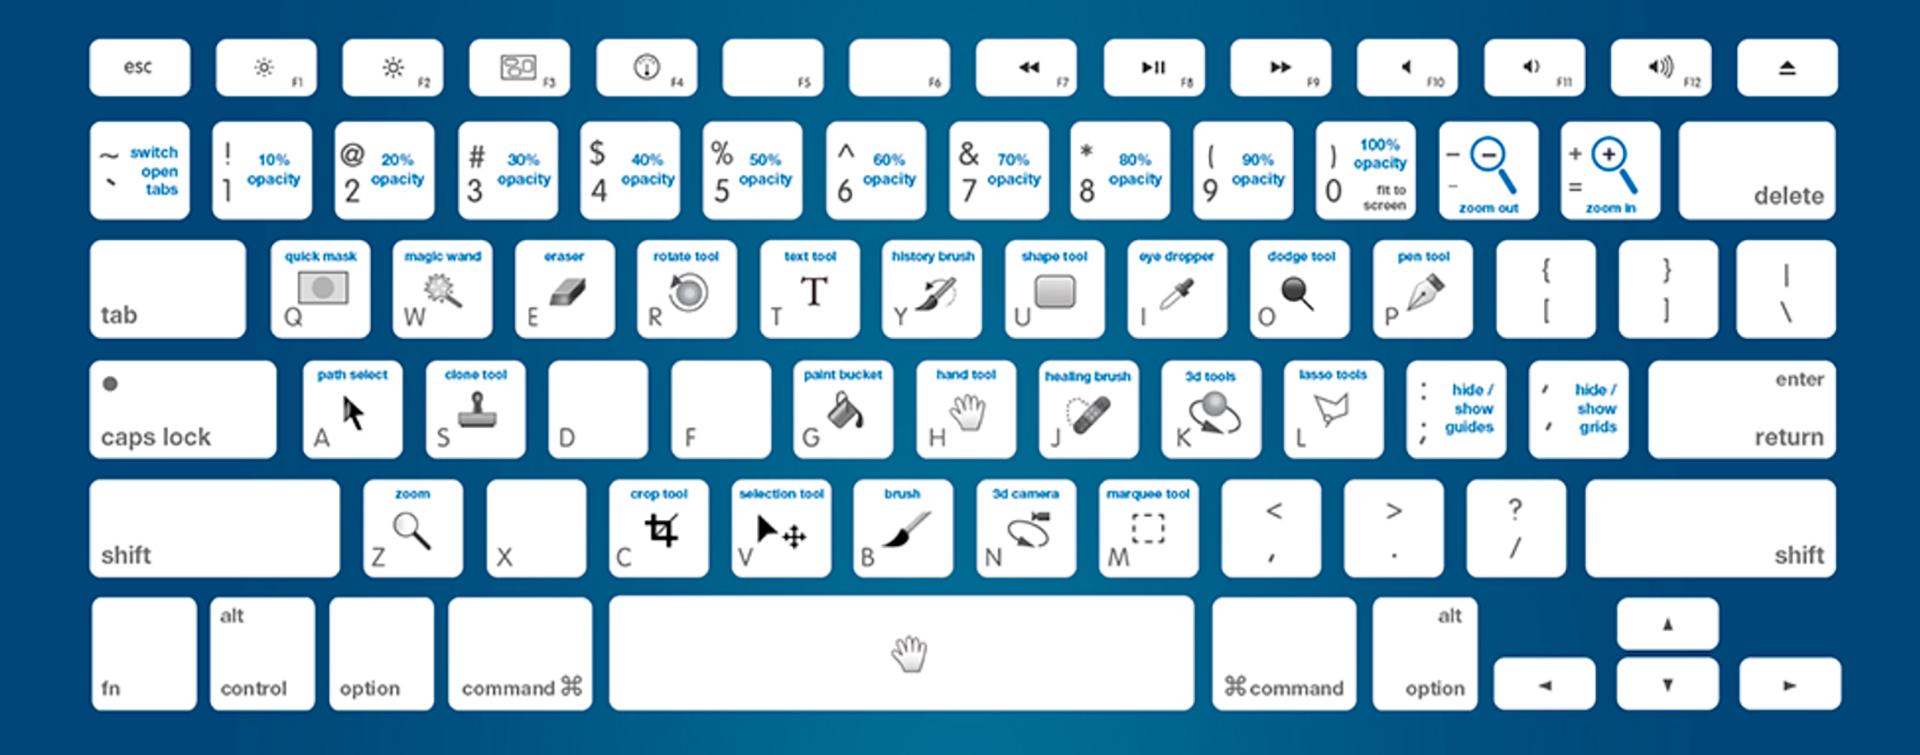 Los principales atajos de teclado de Photoshop